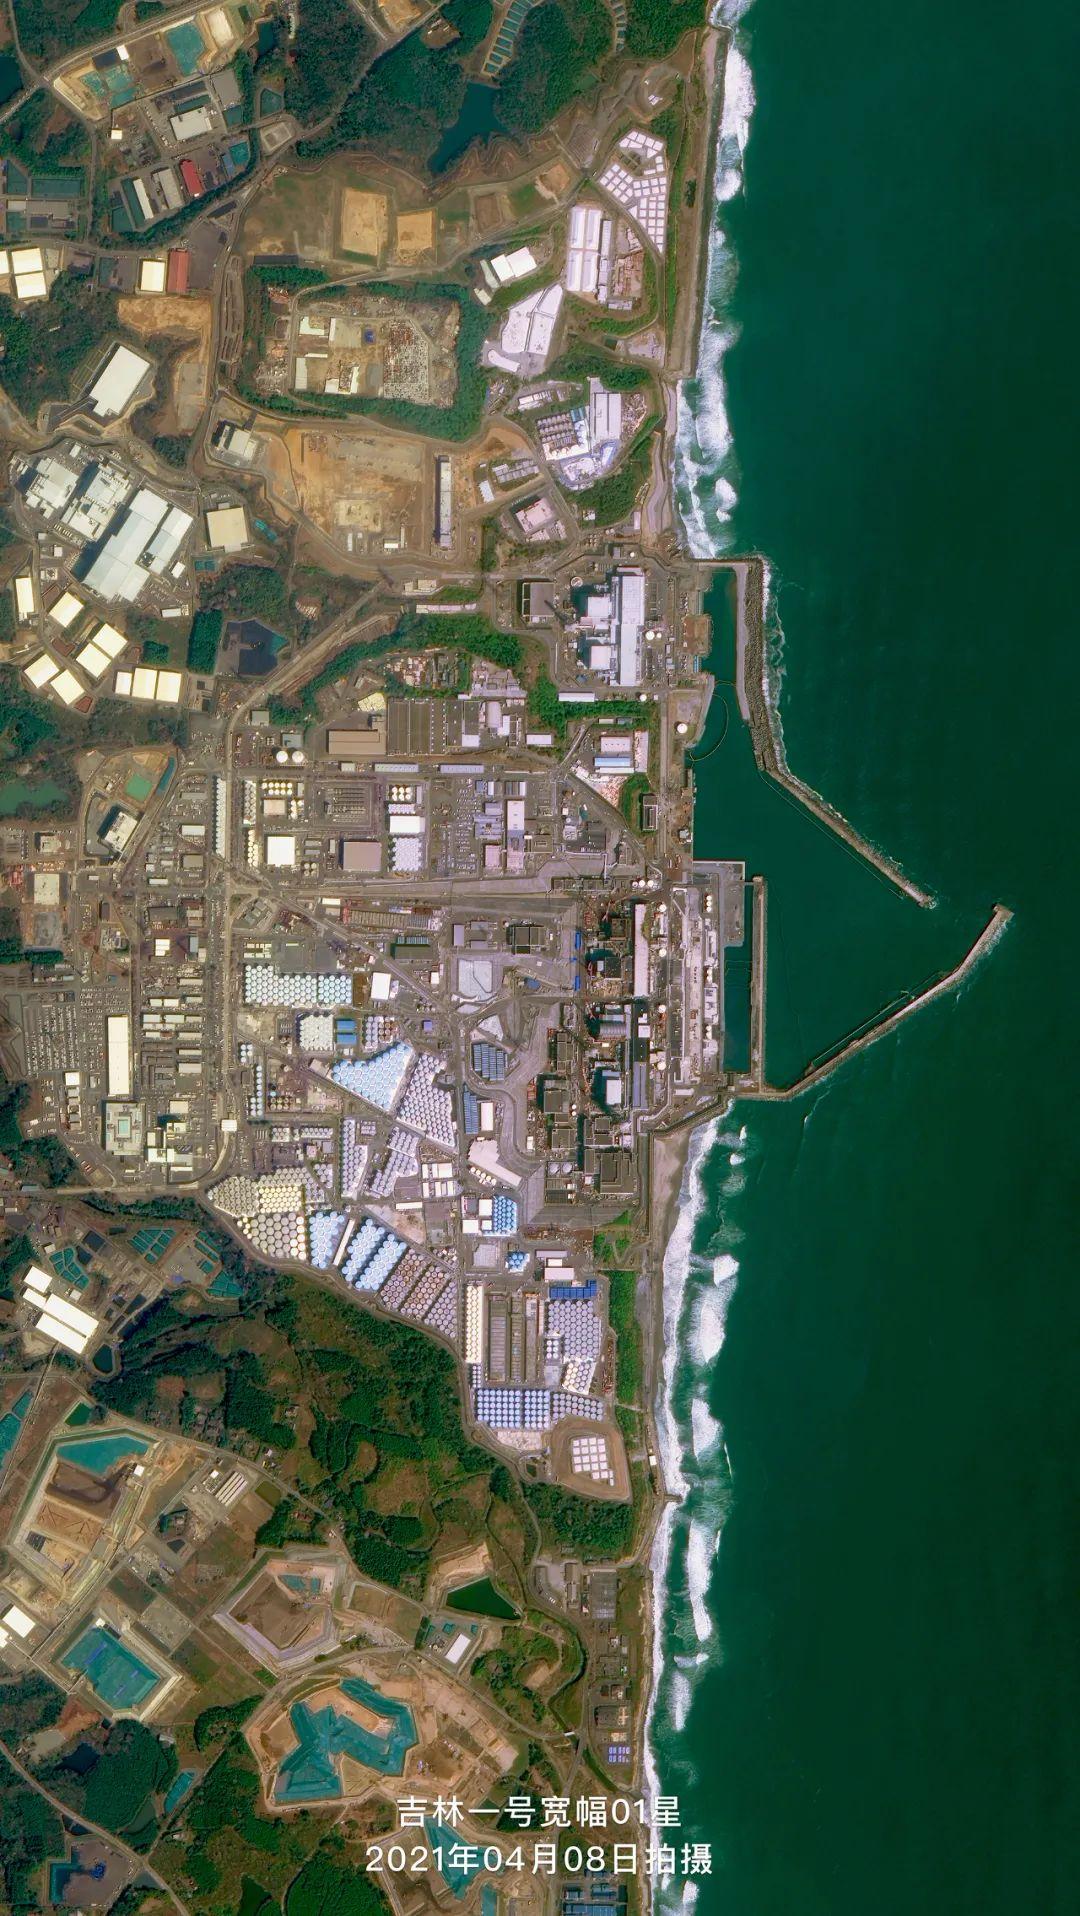 中国卫星拍摄的福岛第一核电站储水罐影像曝光!